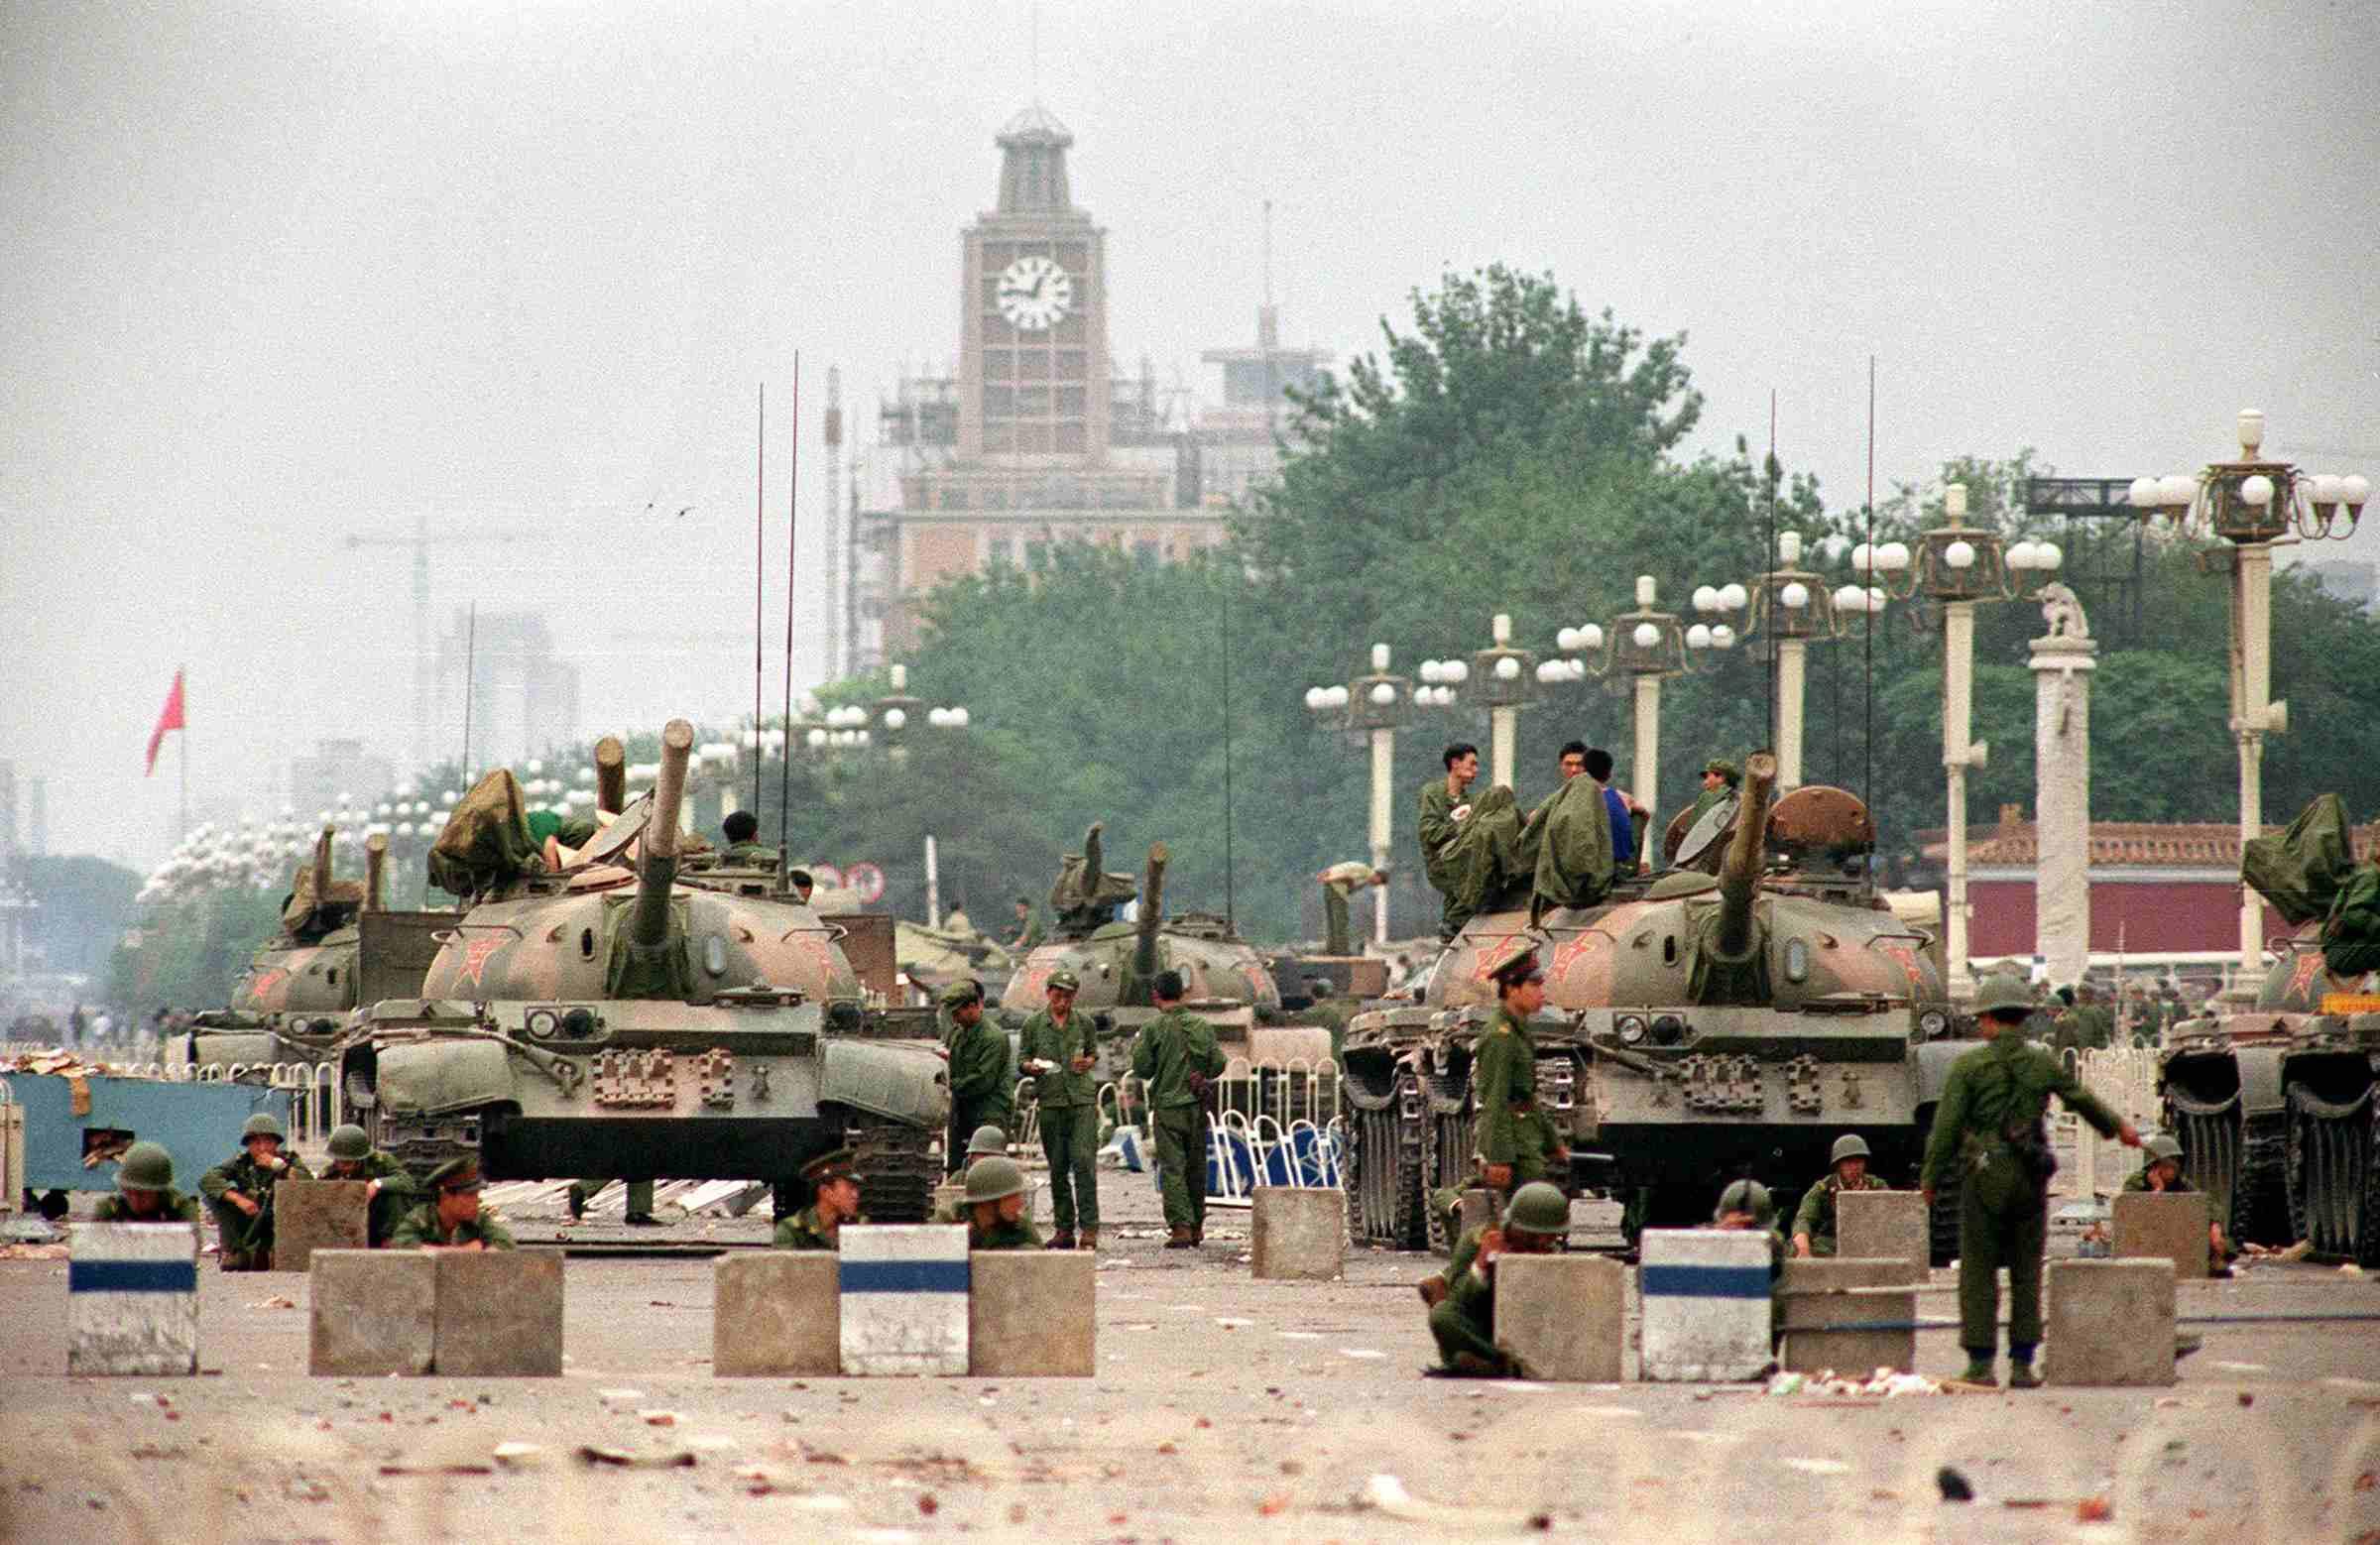 Xe tăng Quân giải phóng nhân dân bảo vệ Đại lộ Trường An chiến lược dẫn đến Quảng trường Thiên An Môn ở Bắc Kinh vào ngày 6/6/1989. (Manuel Ceneta / AFP / Getty Images)